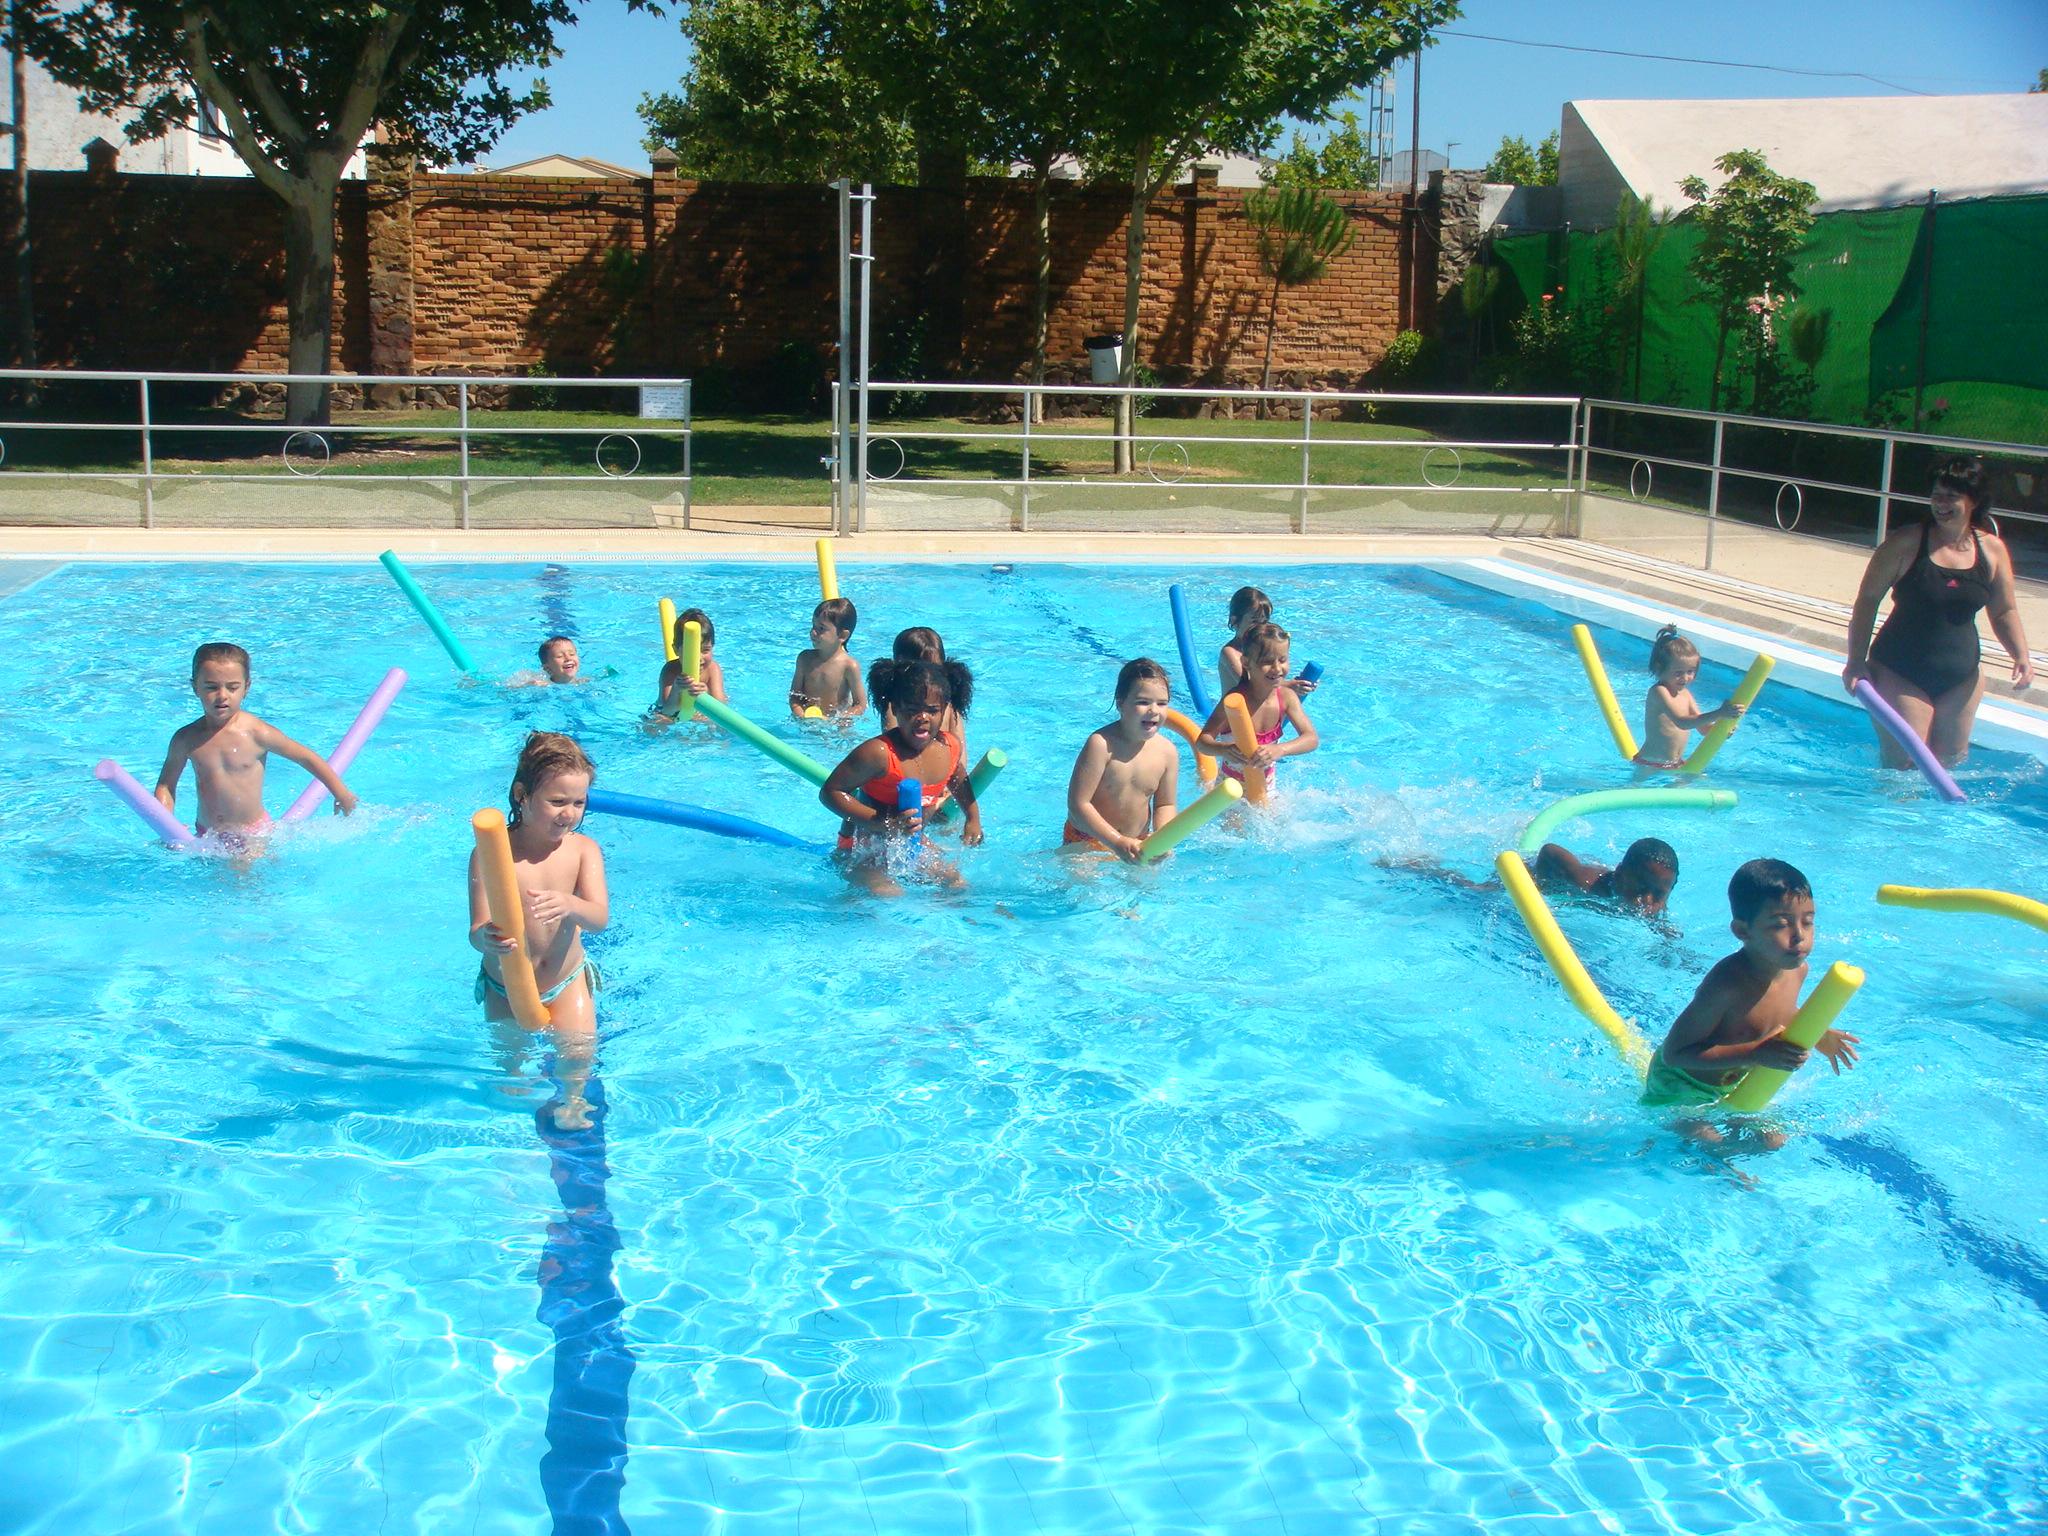 La piscina municipal abrir el 15 de junio for Piscina municipal caceres